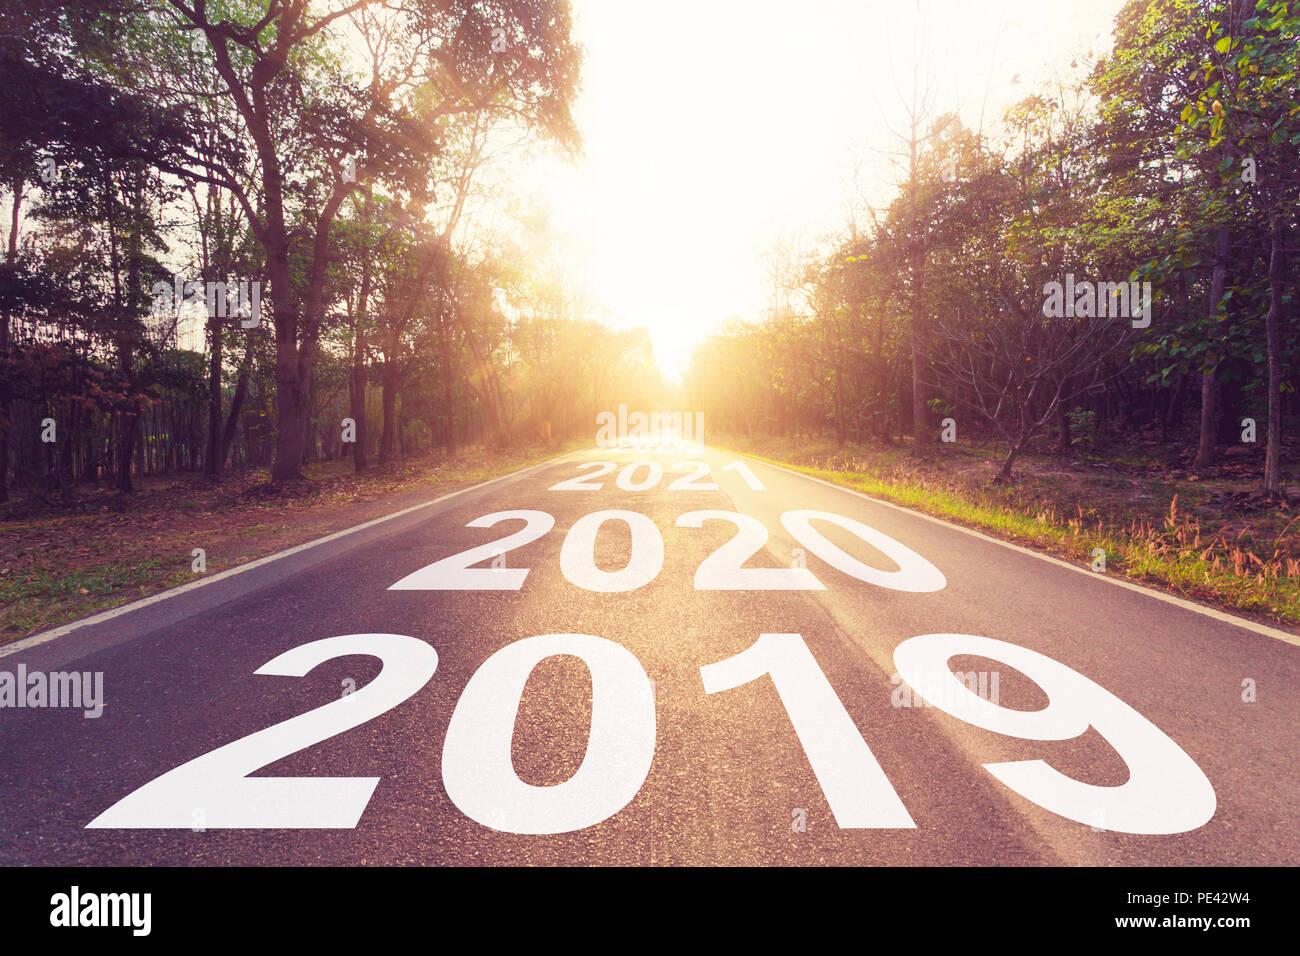 Leere Asphaltstraße und Neues Jahr 2019. Fahren auf eine leere Straße, um Ziele 2019. Stockbild